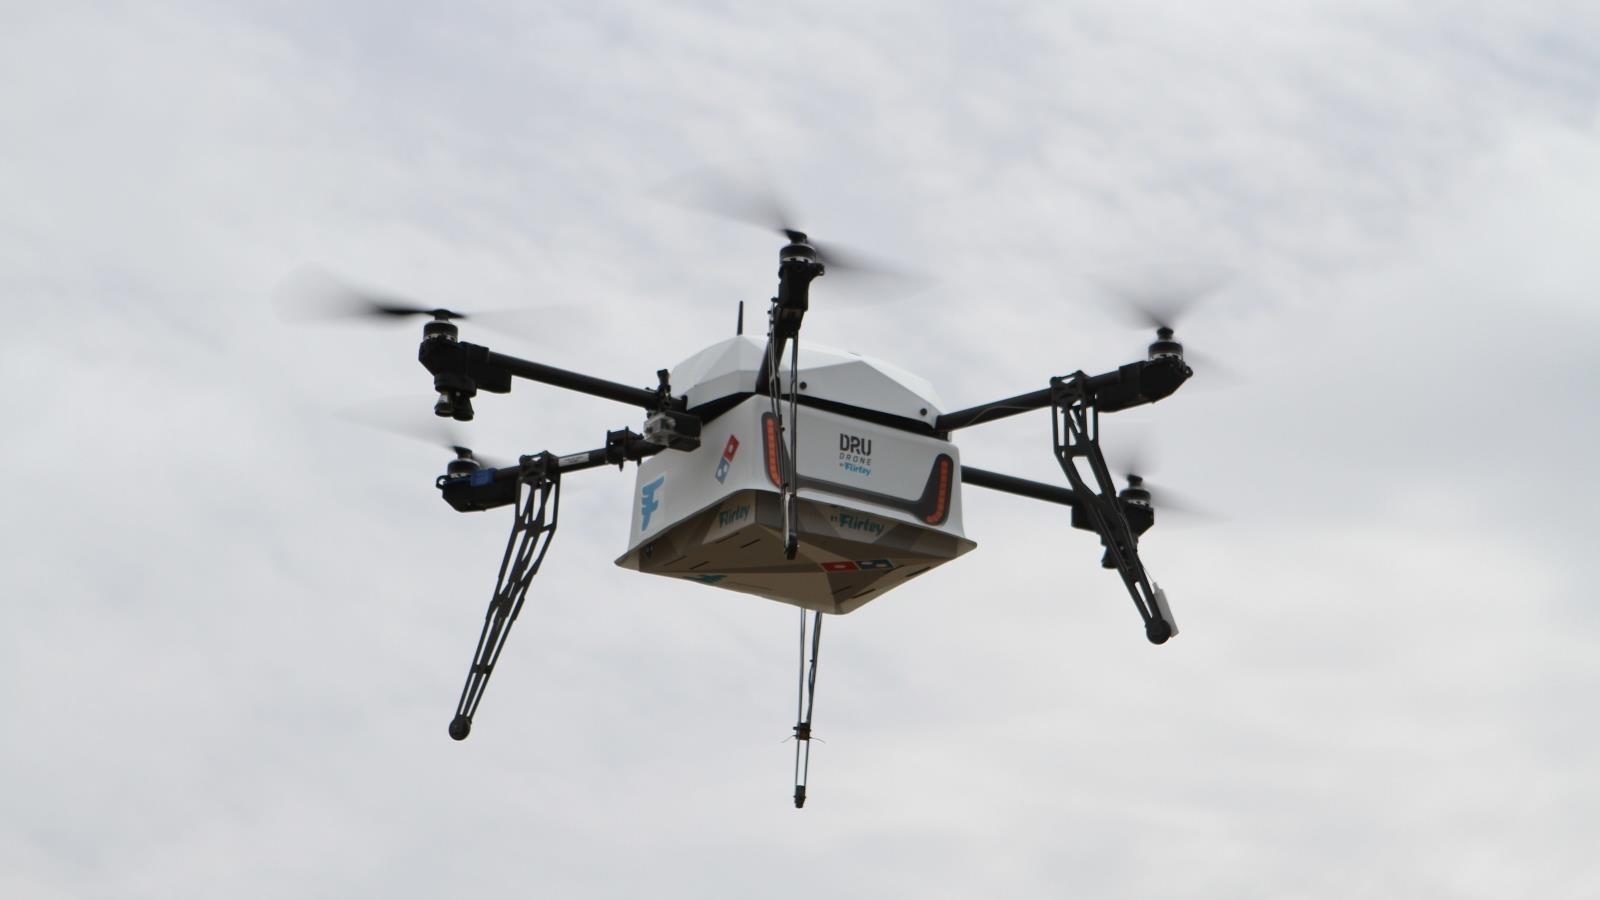 Domino's ya entrega pizzas con drones